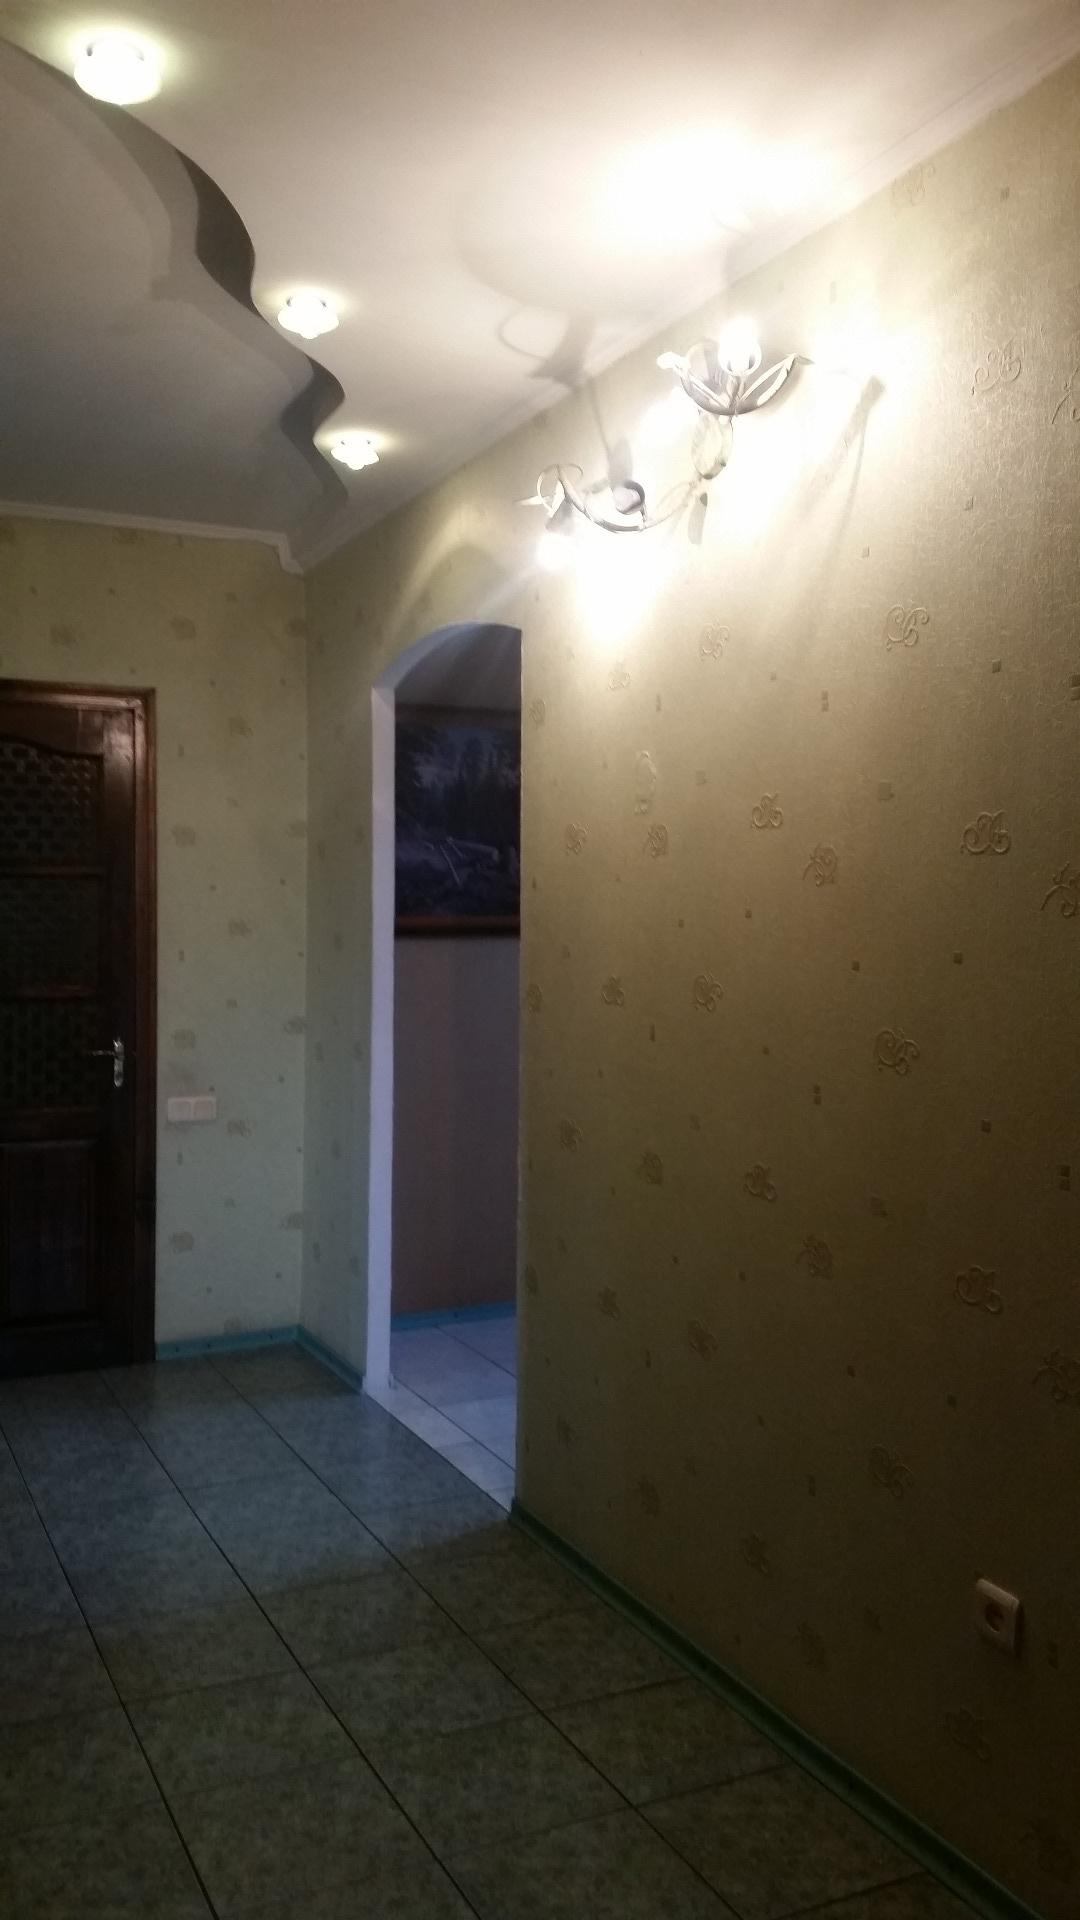 Продается 4-комнатная Квартира на ул. Королева Ак. — 65 000 у.е. (фото №10)